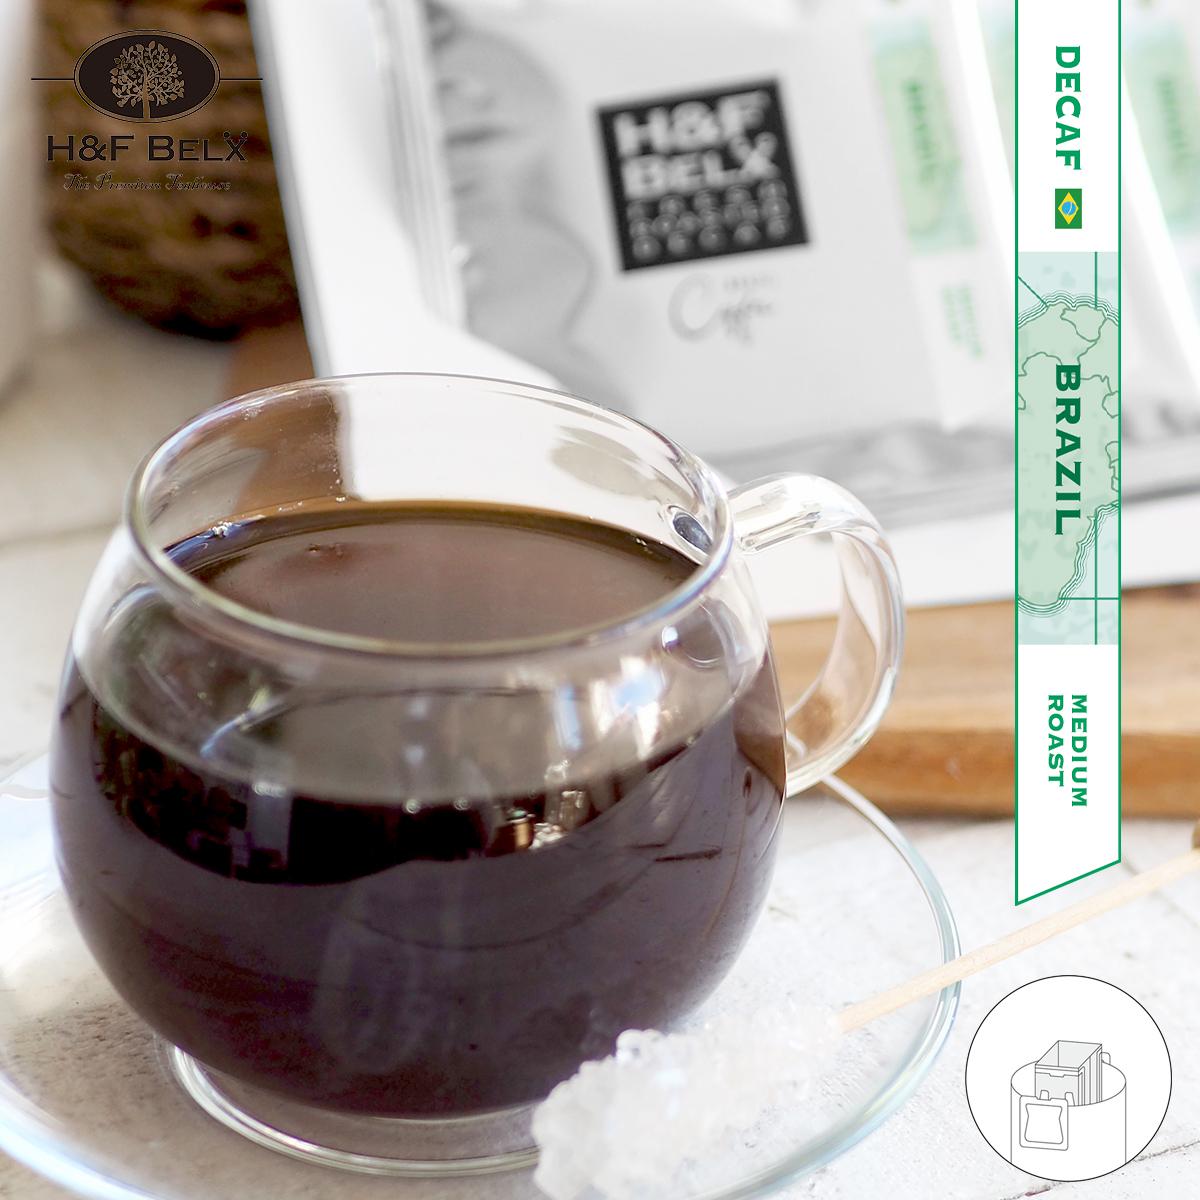 【送料無料】【デカフェコーヒー】【カフェイン0.00g】 デカフェ ブラジル産コーヒー 18袋コーヒー デカフェ カフェインレス ノンカフェイン 0.00g 美味しい フレーバー アソート 18袋入り 大容量 ボリューム HF BELX エイチアンドエフ ベルクス [M便 1/1]